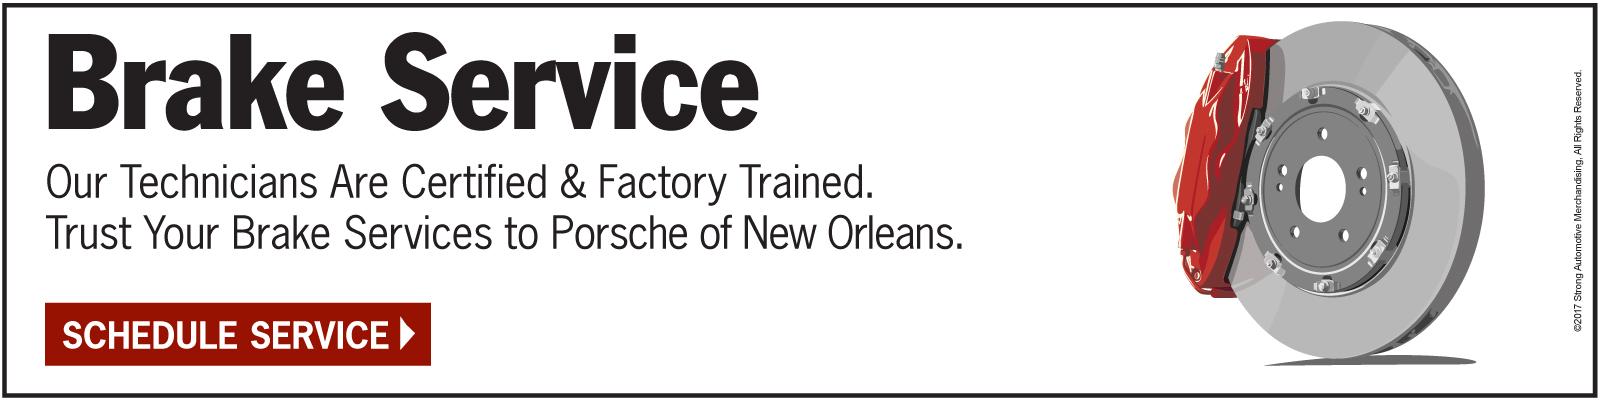 Brake Service - Click Here Schedule Service